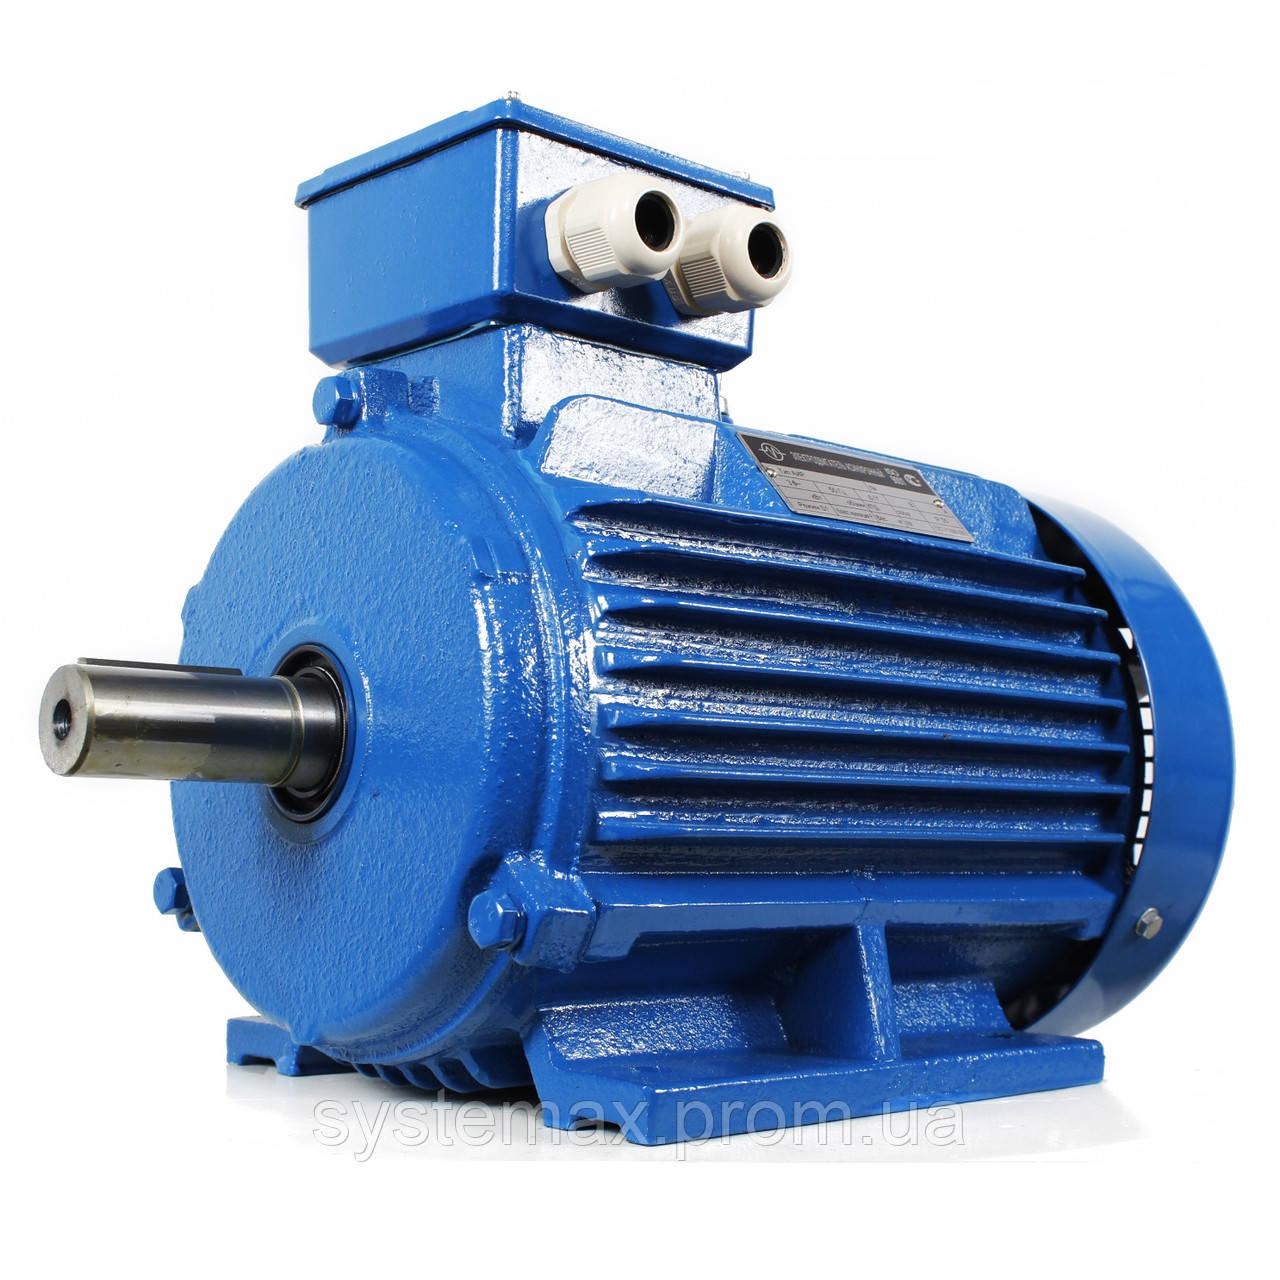 Электродвигатель АИР225М8 (АИР 225 М8) 30 кВт 750 об/мин